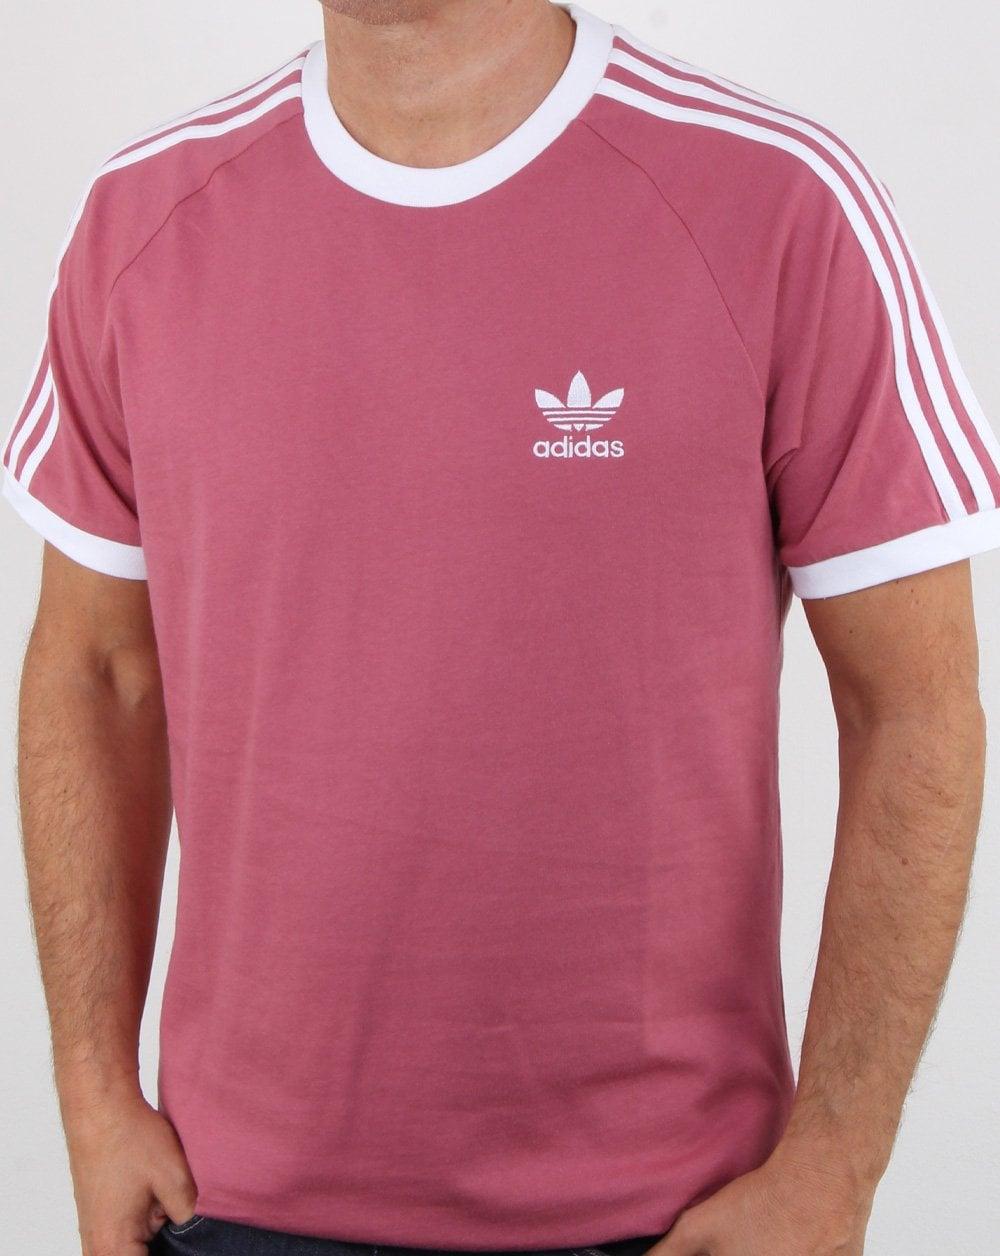 c1faa2cacb Adidas Originals 3 Stripes T Shirt Soft Maroon | 80s casual classics